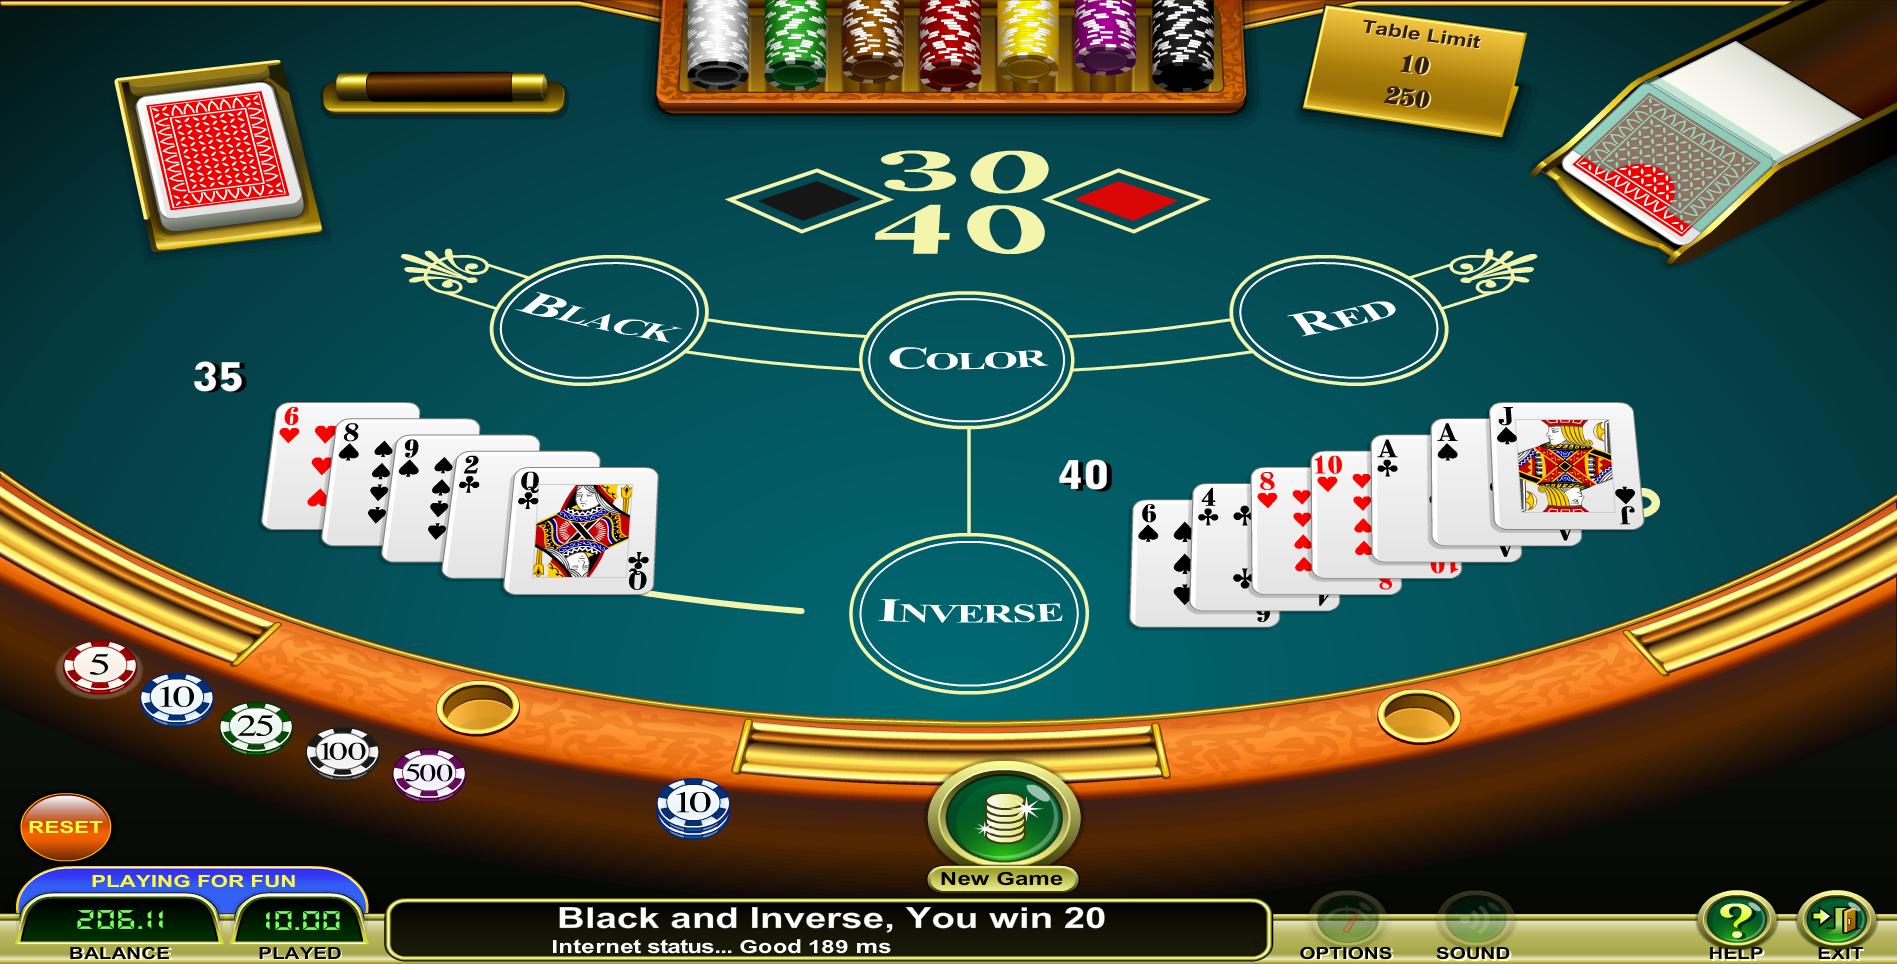 betphoenix casino online